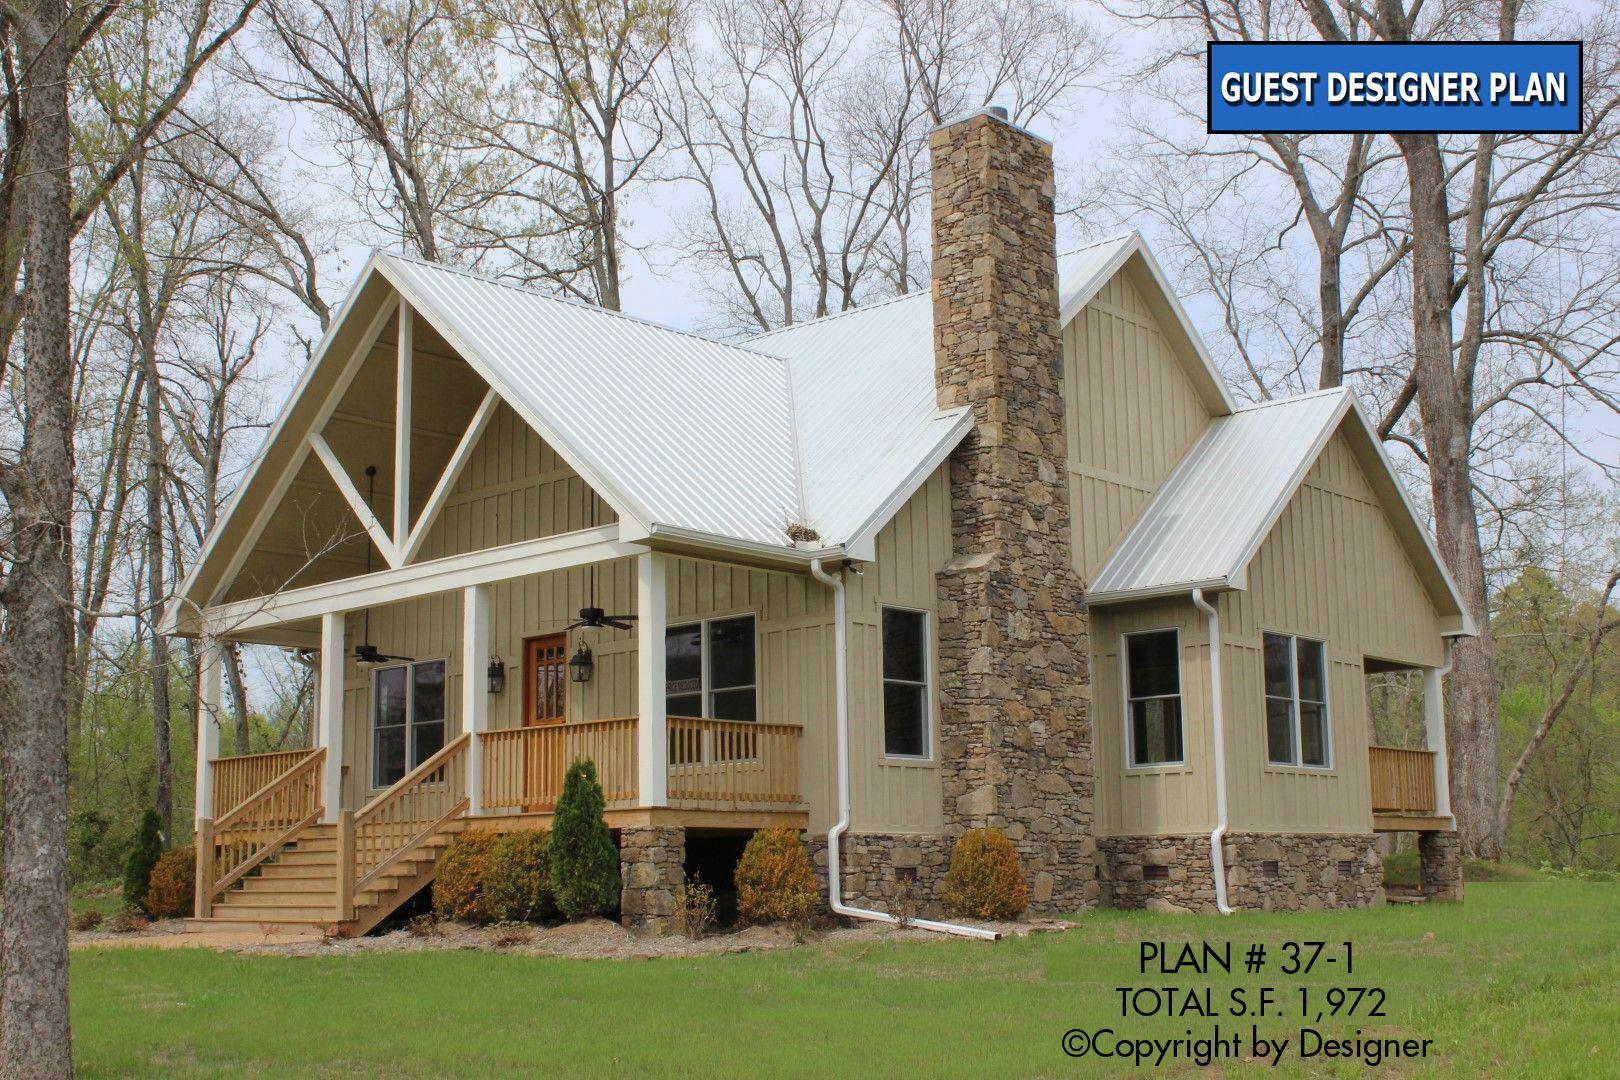 House Plan 37 1 Vtr Garrell Associates Inc Rustic House Plans House Exterior Farmhouse Plans